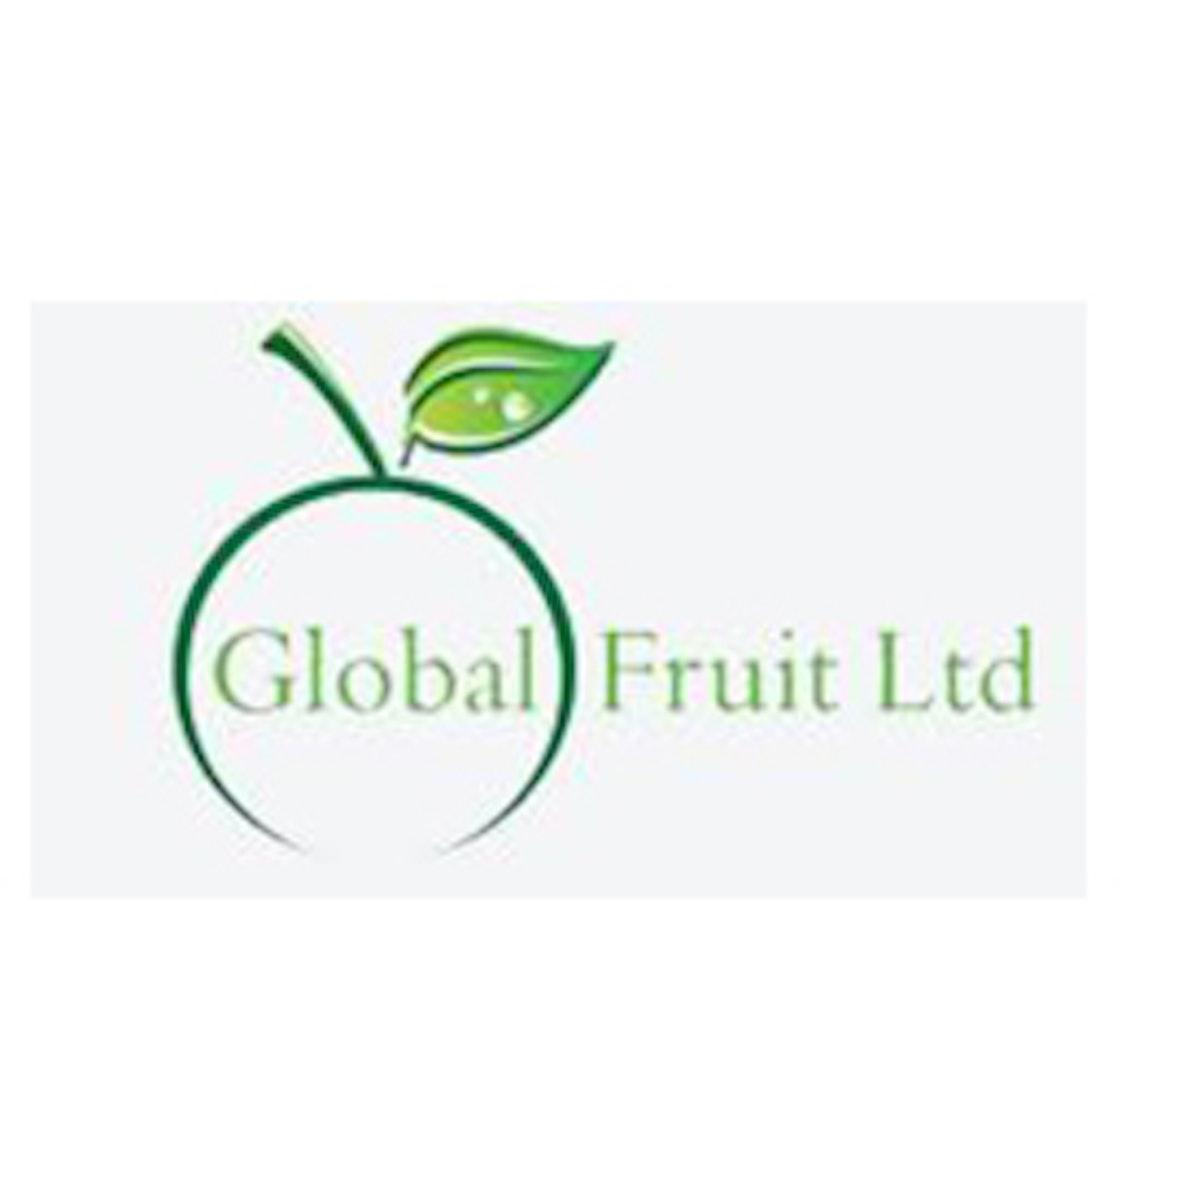 Global Fruit Ltd